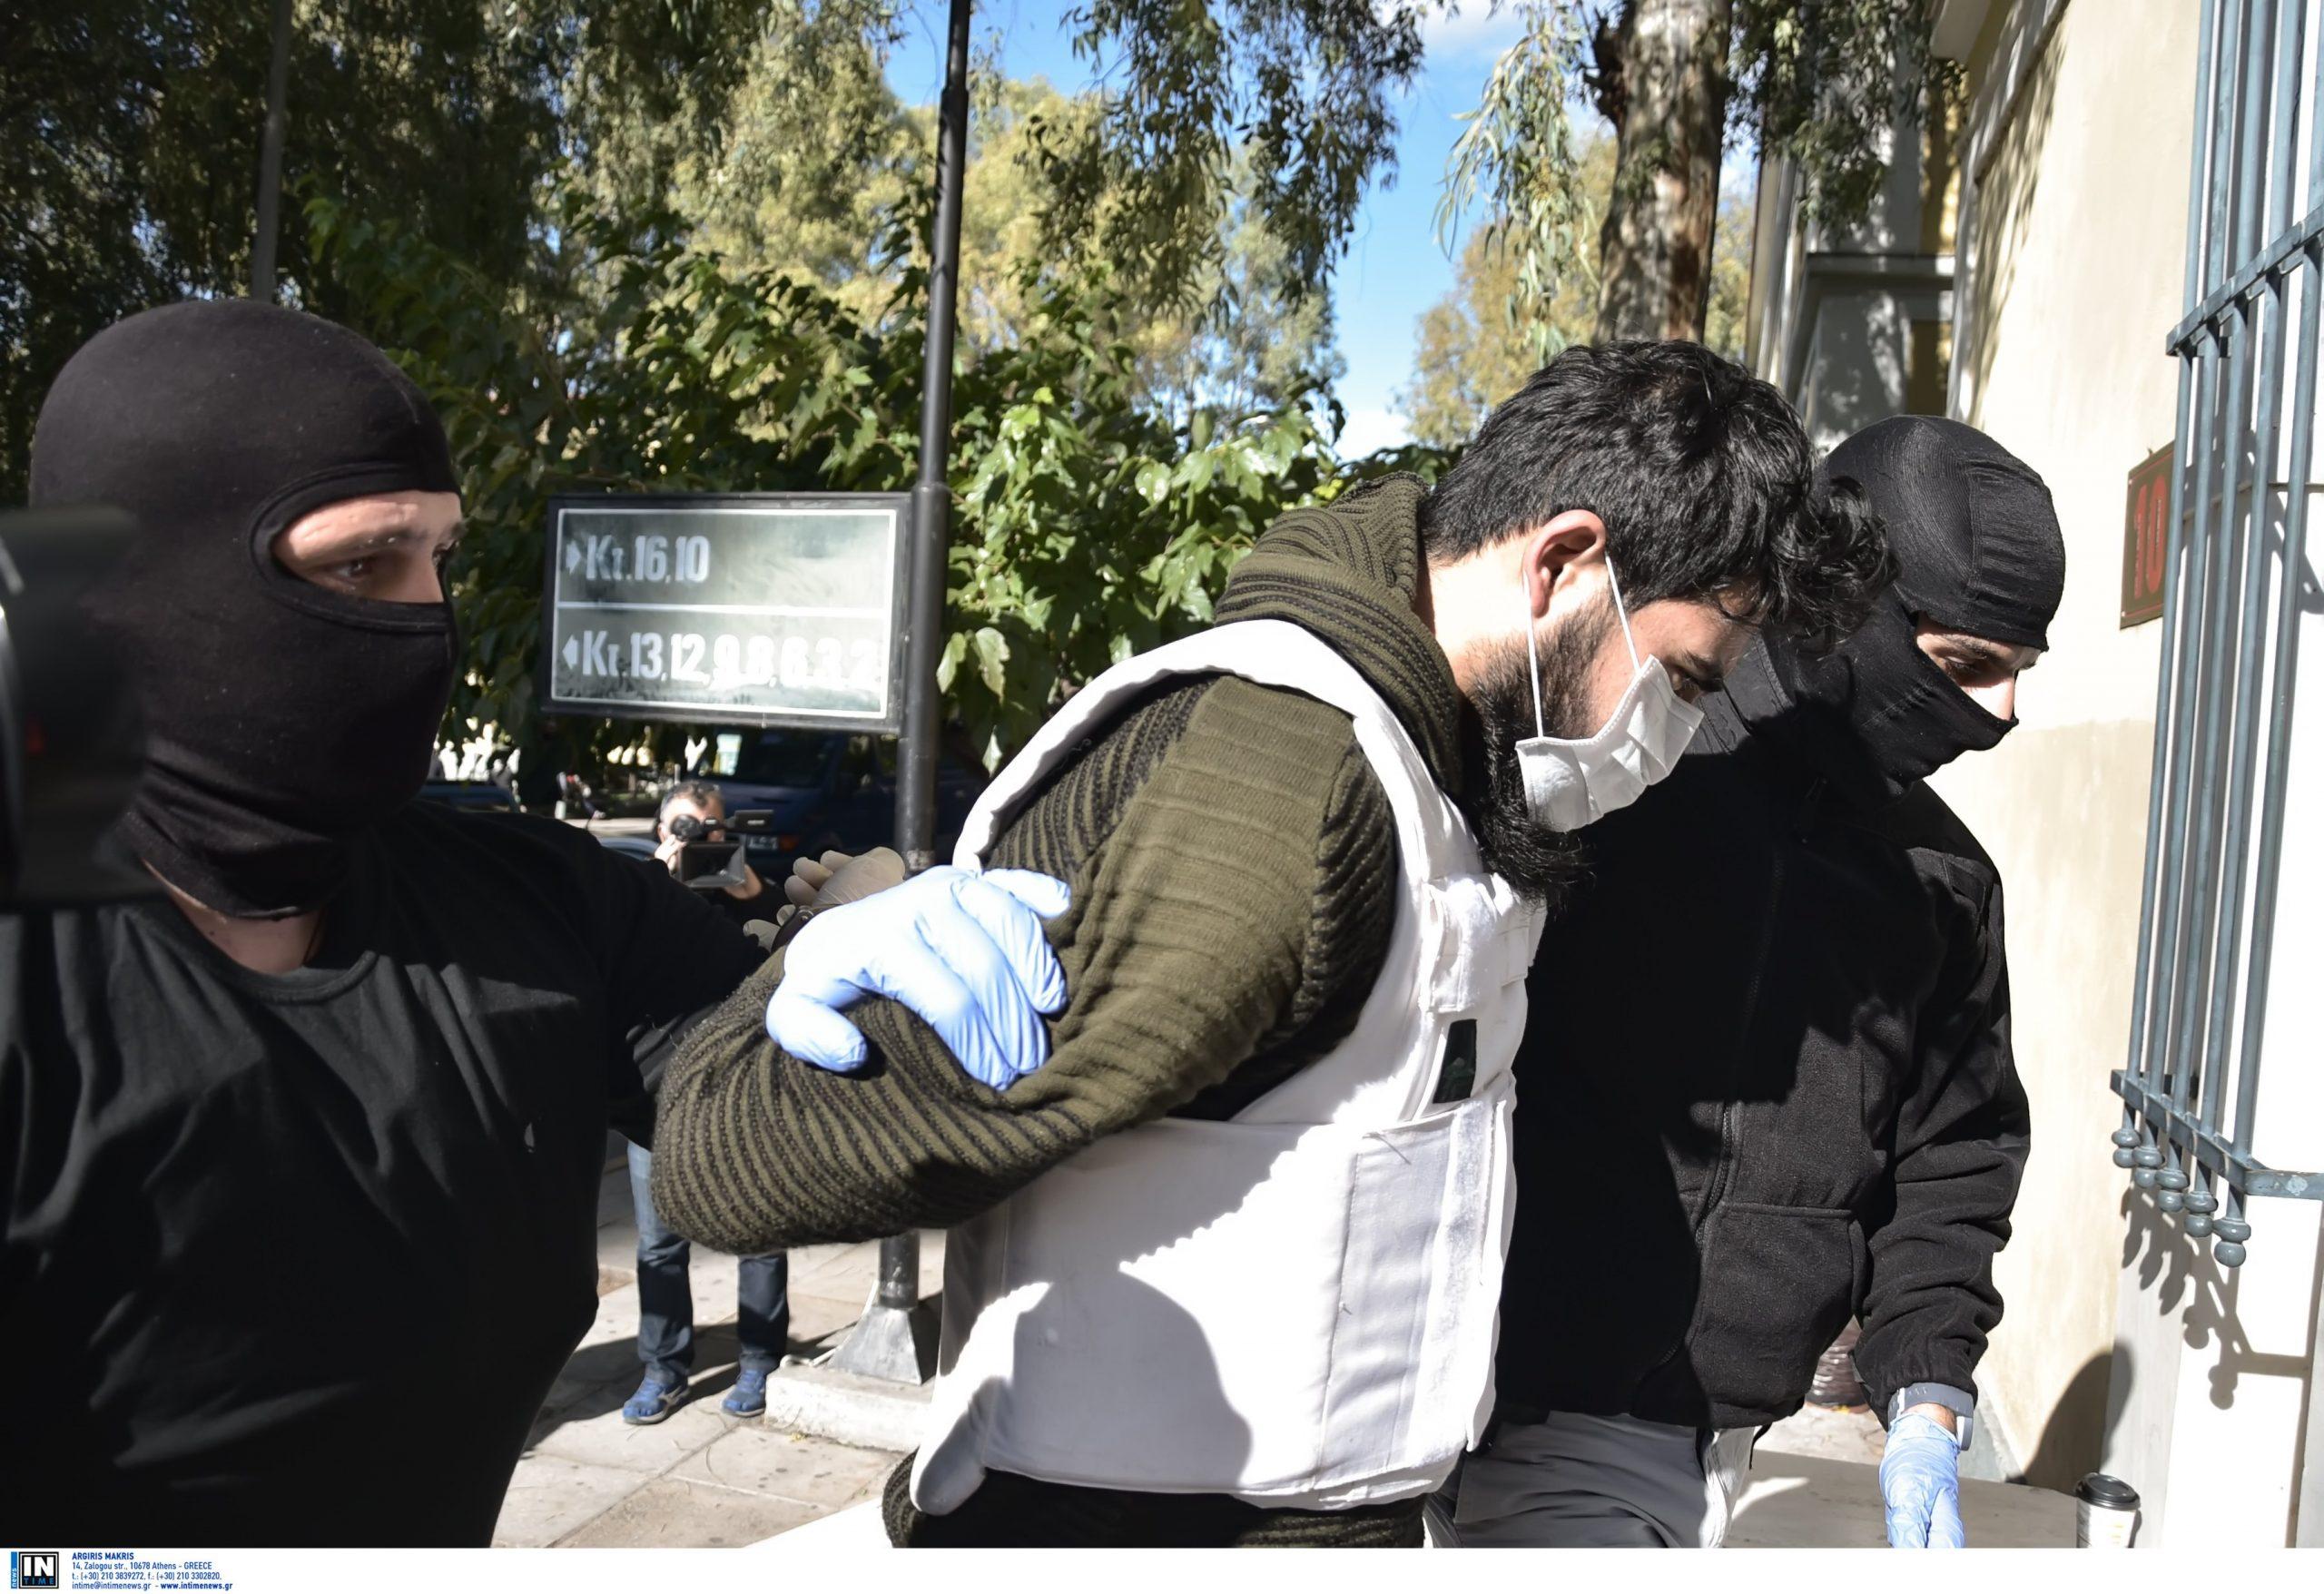 Τζιχανιστής: Στις φυλακές με απόφαση του ανακριτή – Αρνείται τώρα ότι είναι μέλος του ISIS